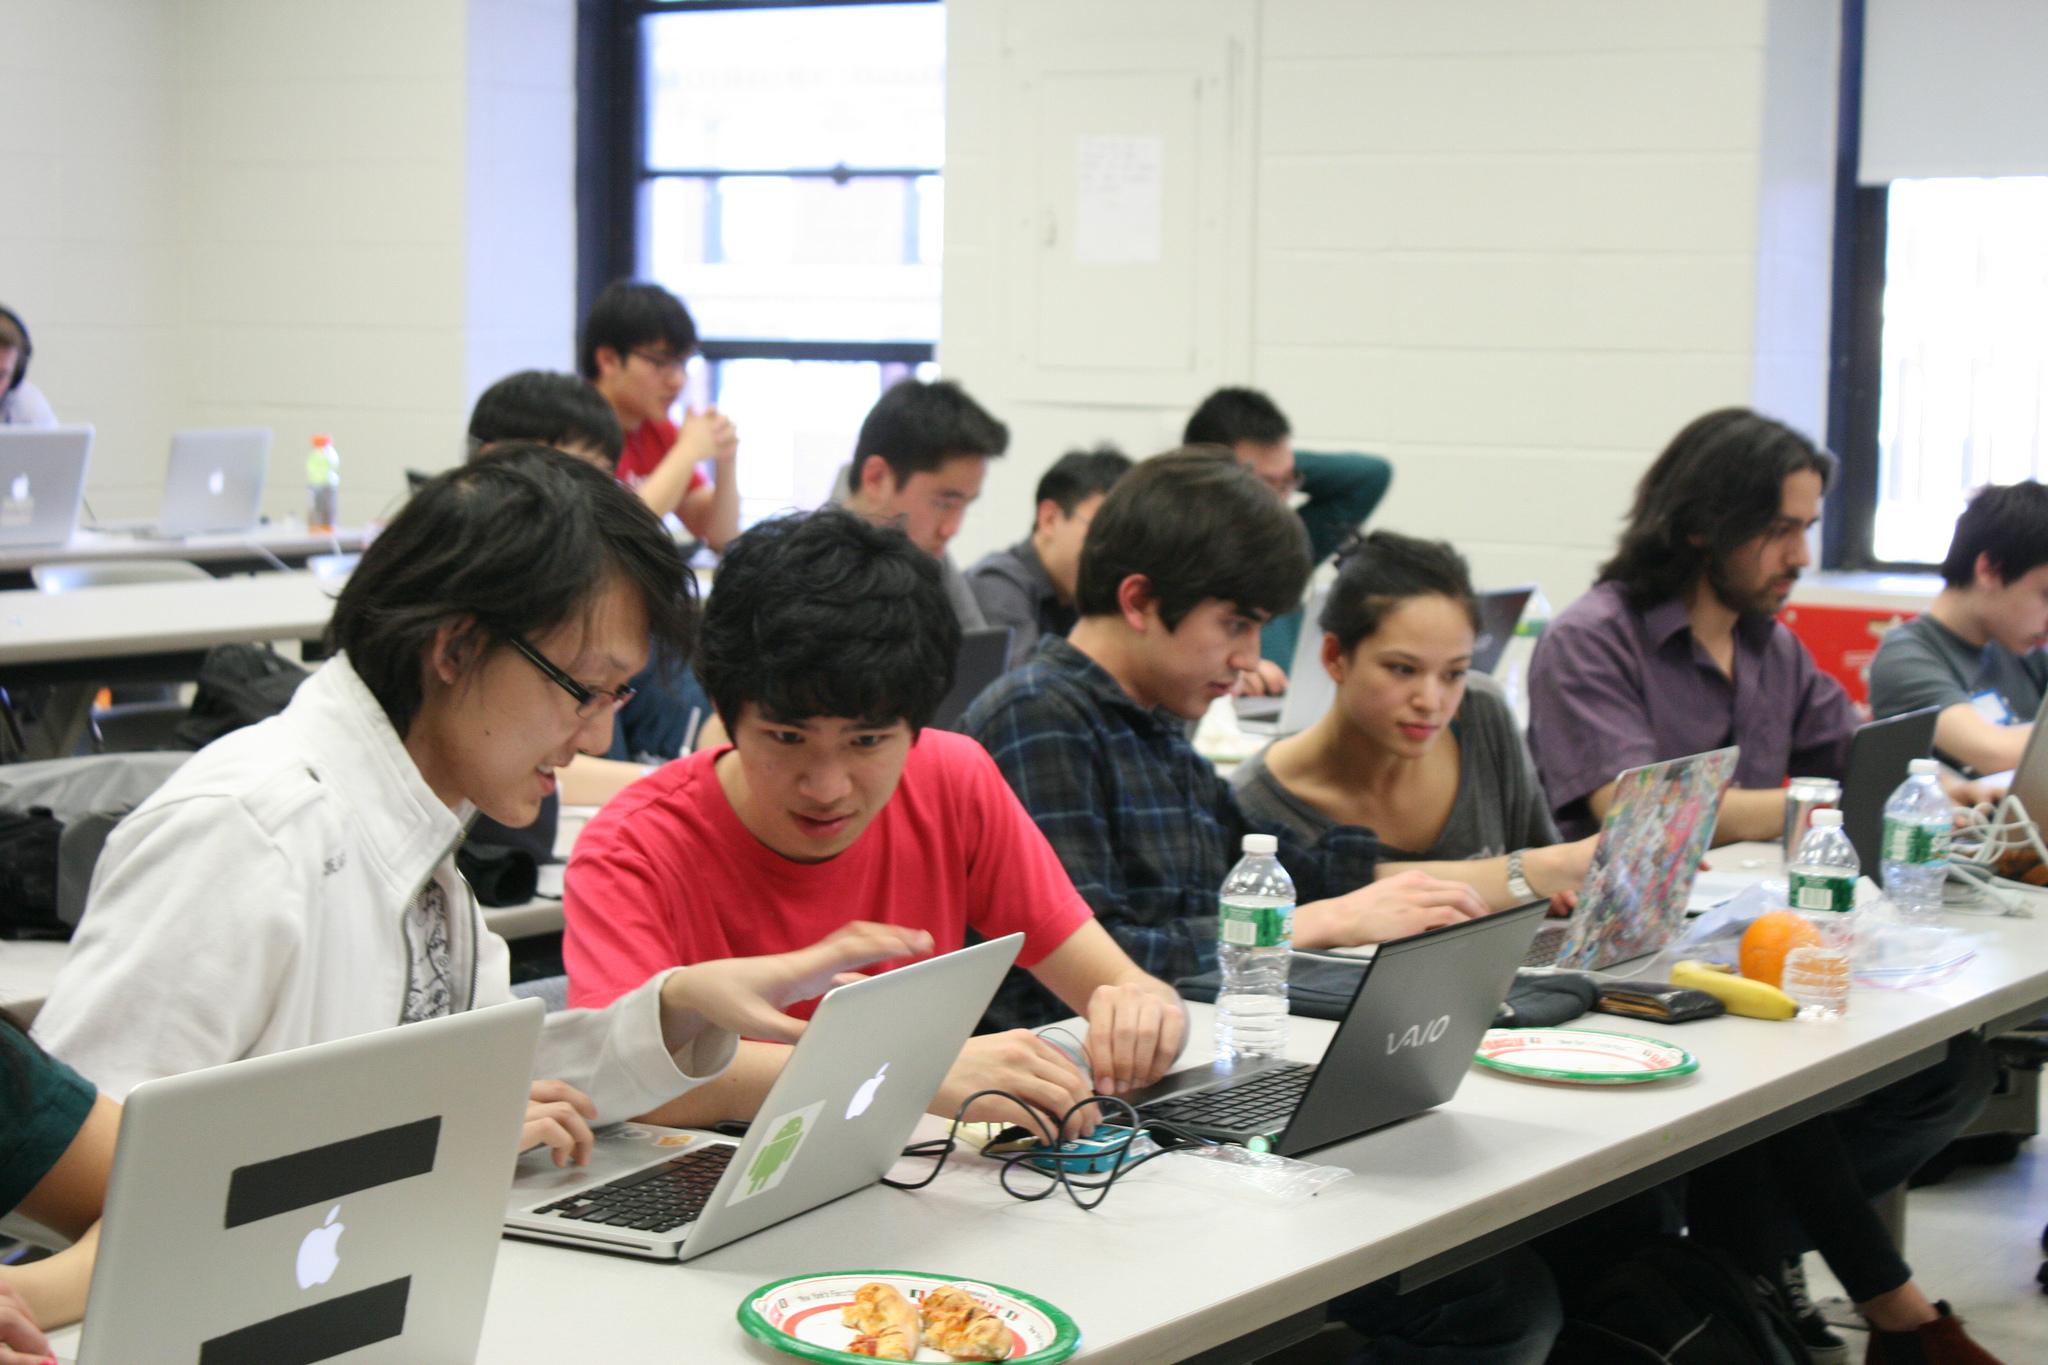 Hackathon hackNY org Flickr